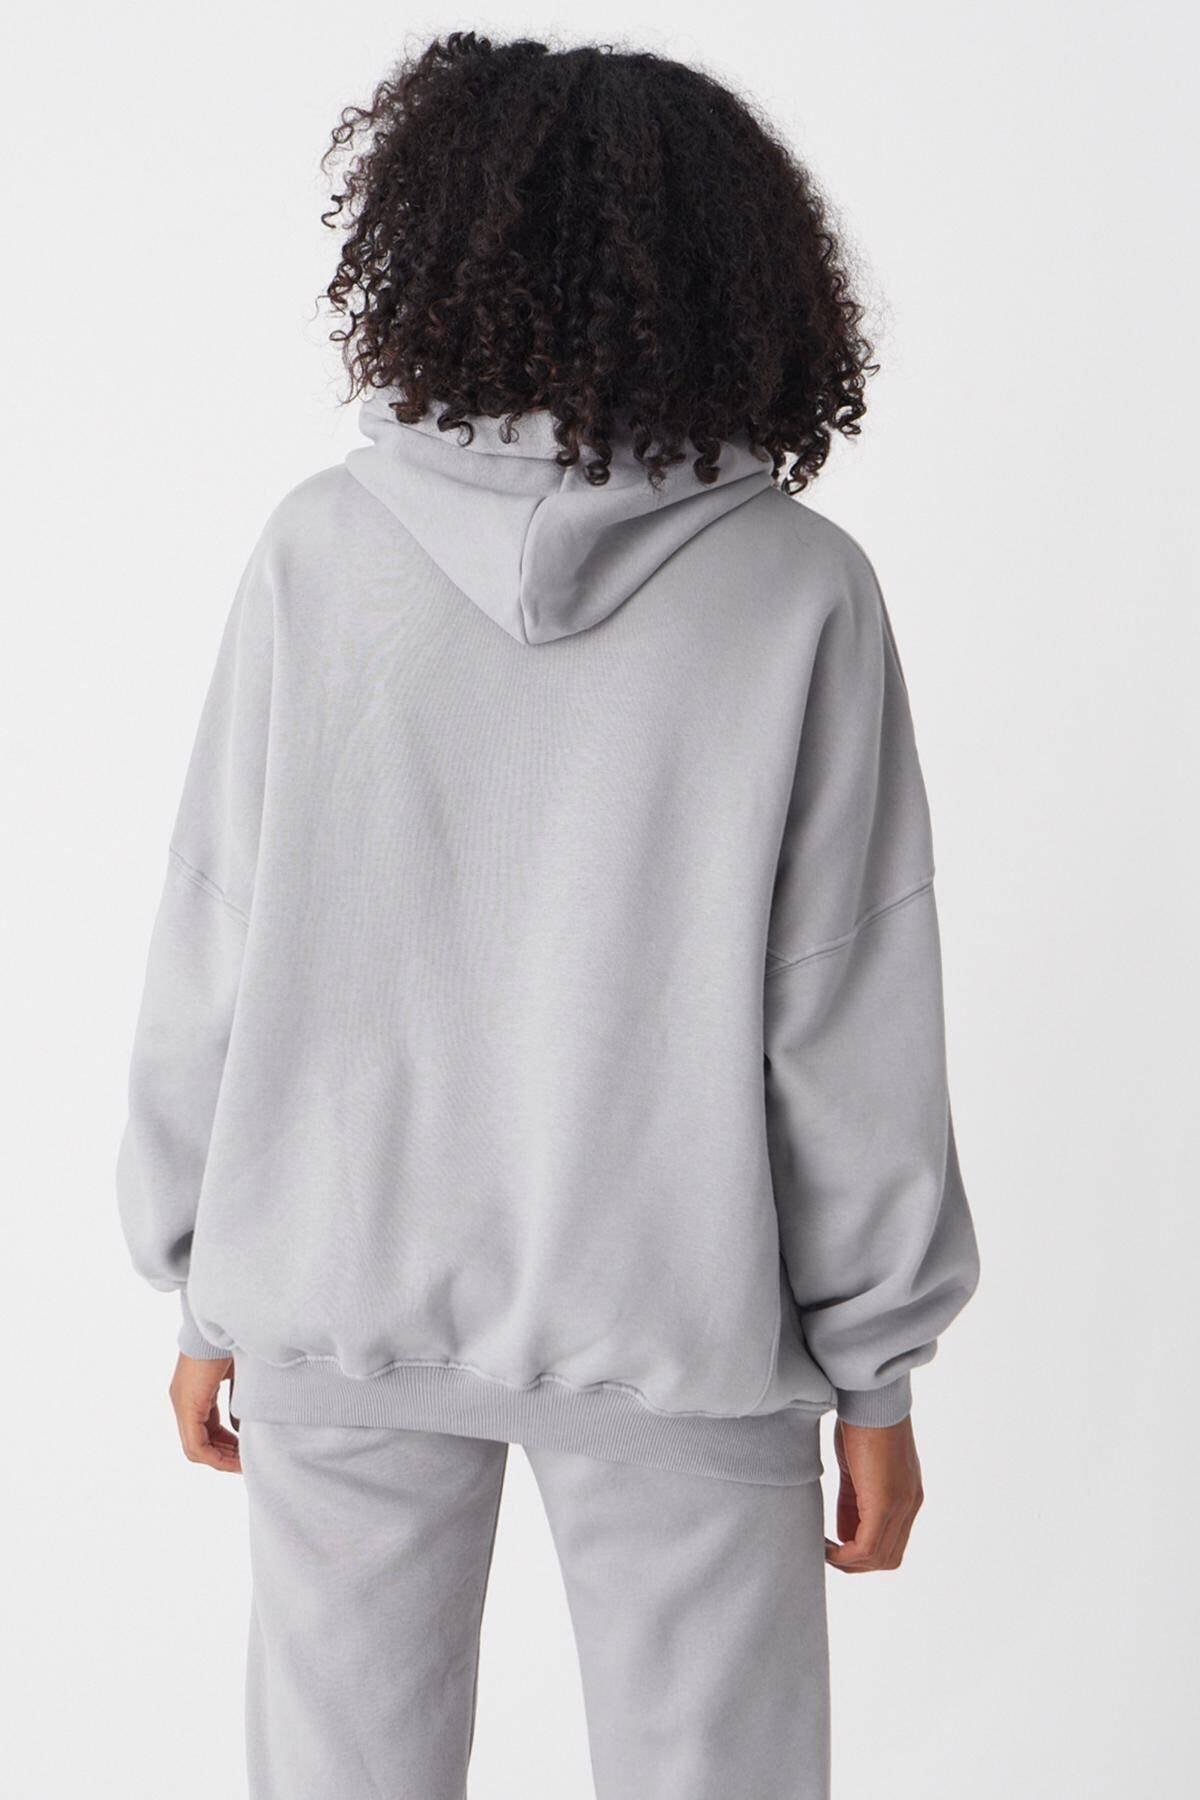 Addax Kadın Y.GRİ Kapşonlu Sweatshirt S0519 - U4 ADX-0000014040 4